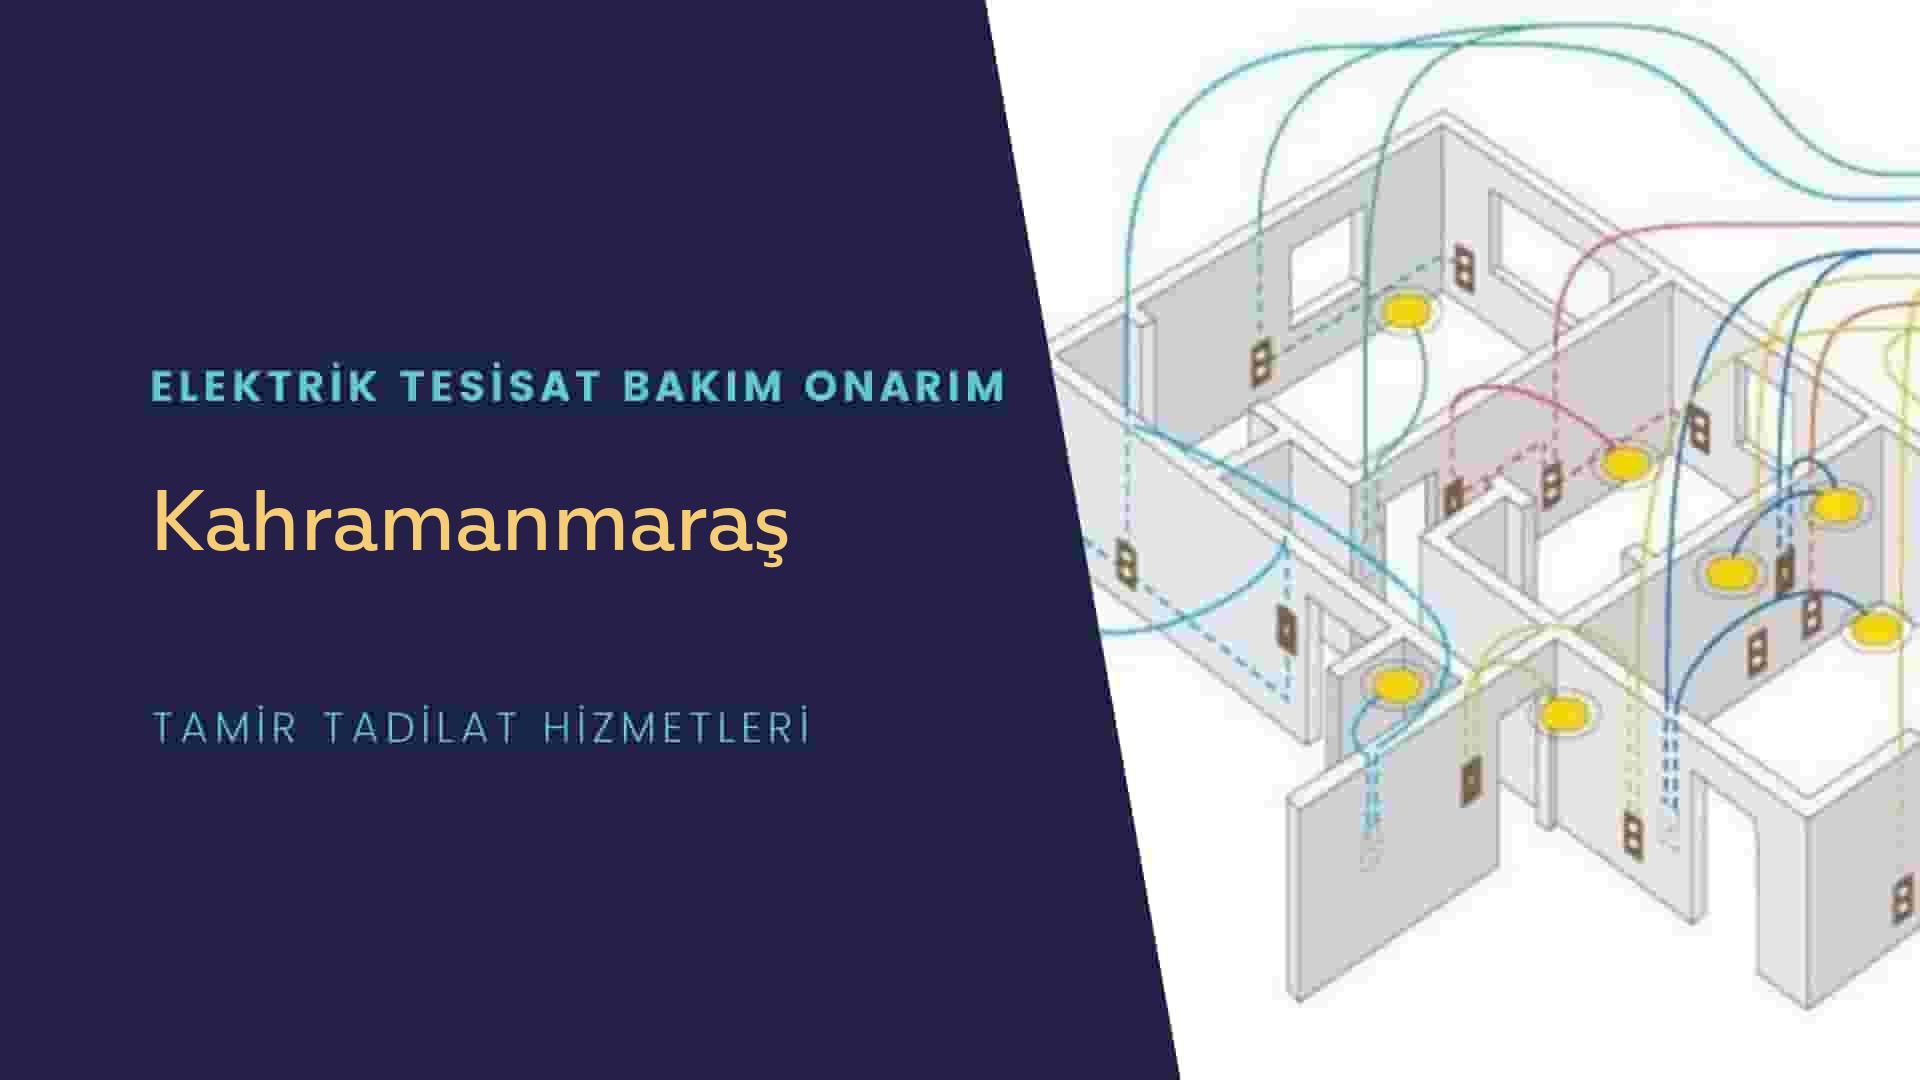 Kahramanmaraş'ta elektrik tesisatıustalarımı arıyorsunuz doğru adrestenizi Kahramanmaraş elektrik tesisatı ustalarımız 7/24 sizlere hizmet vermekten mutluluk duyar.